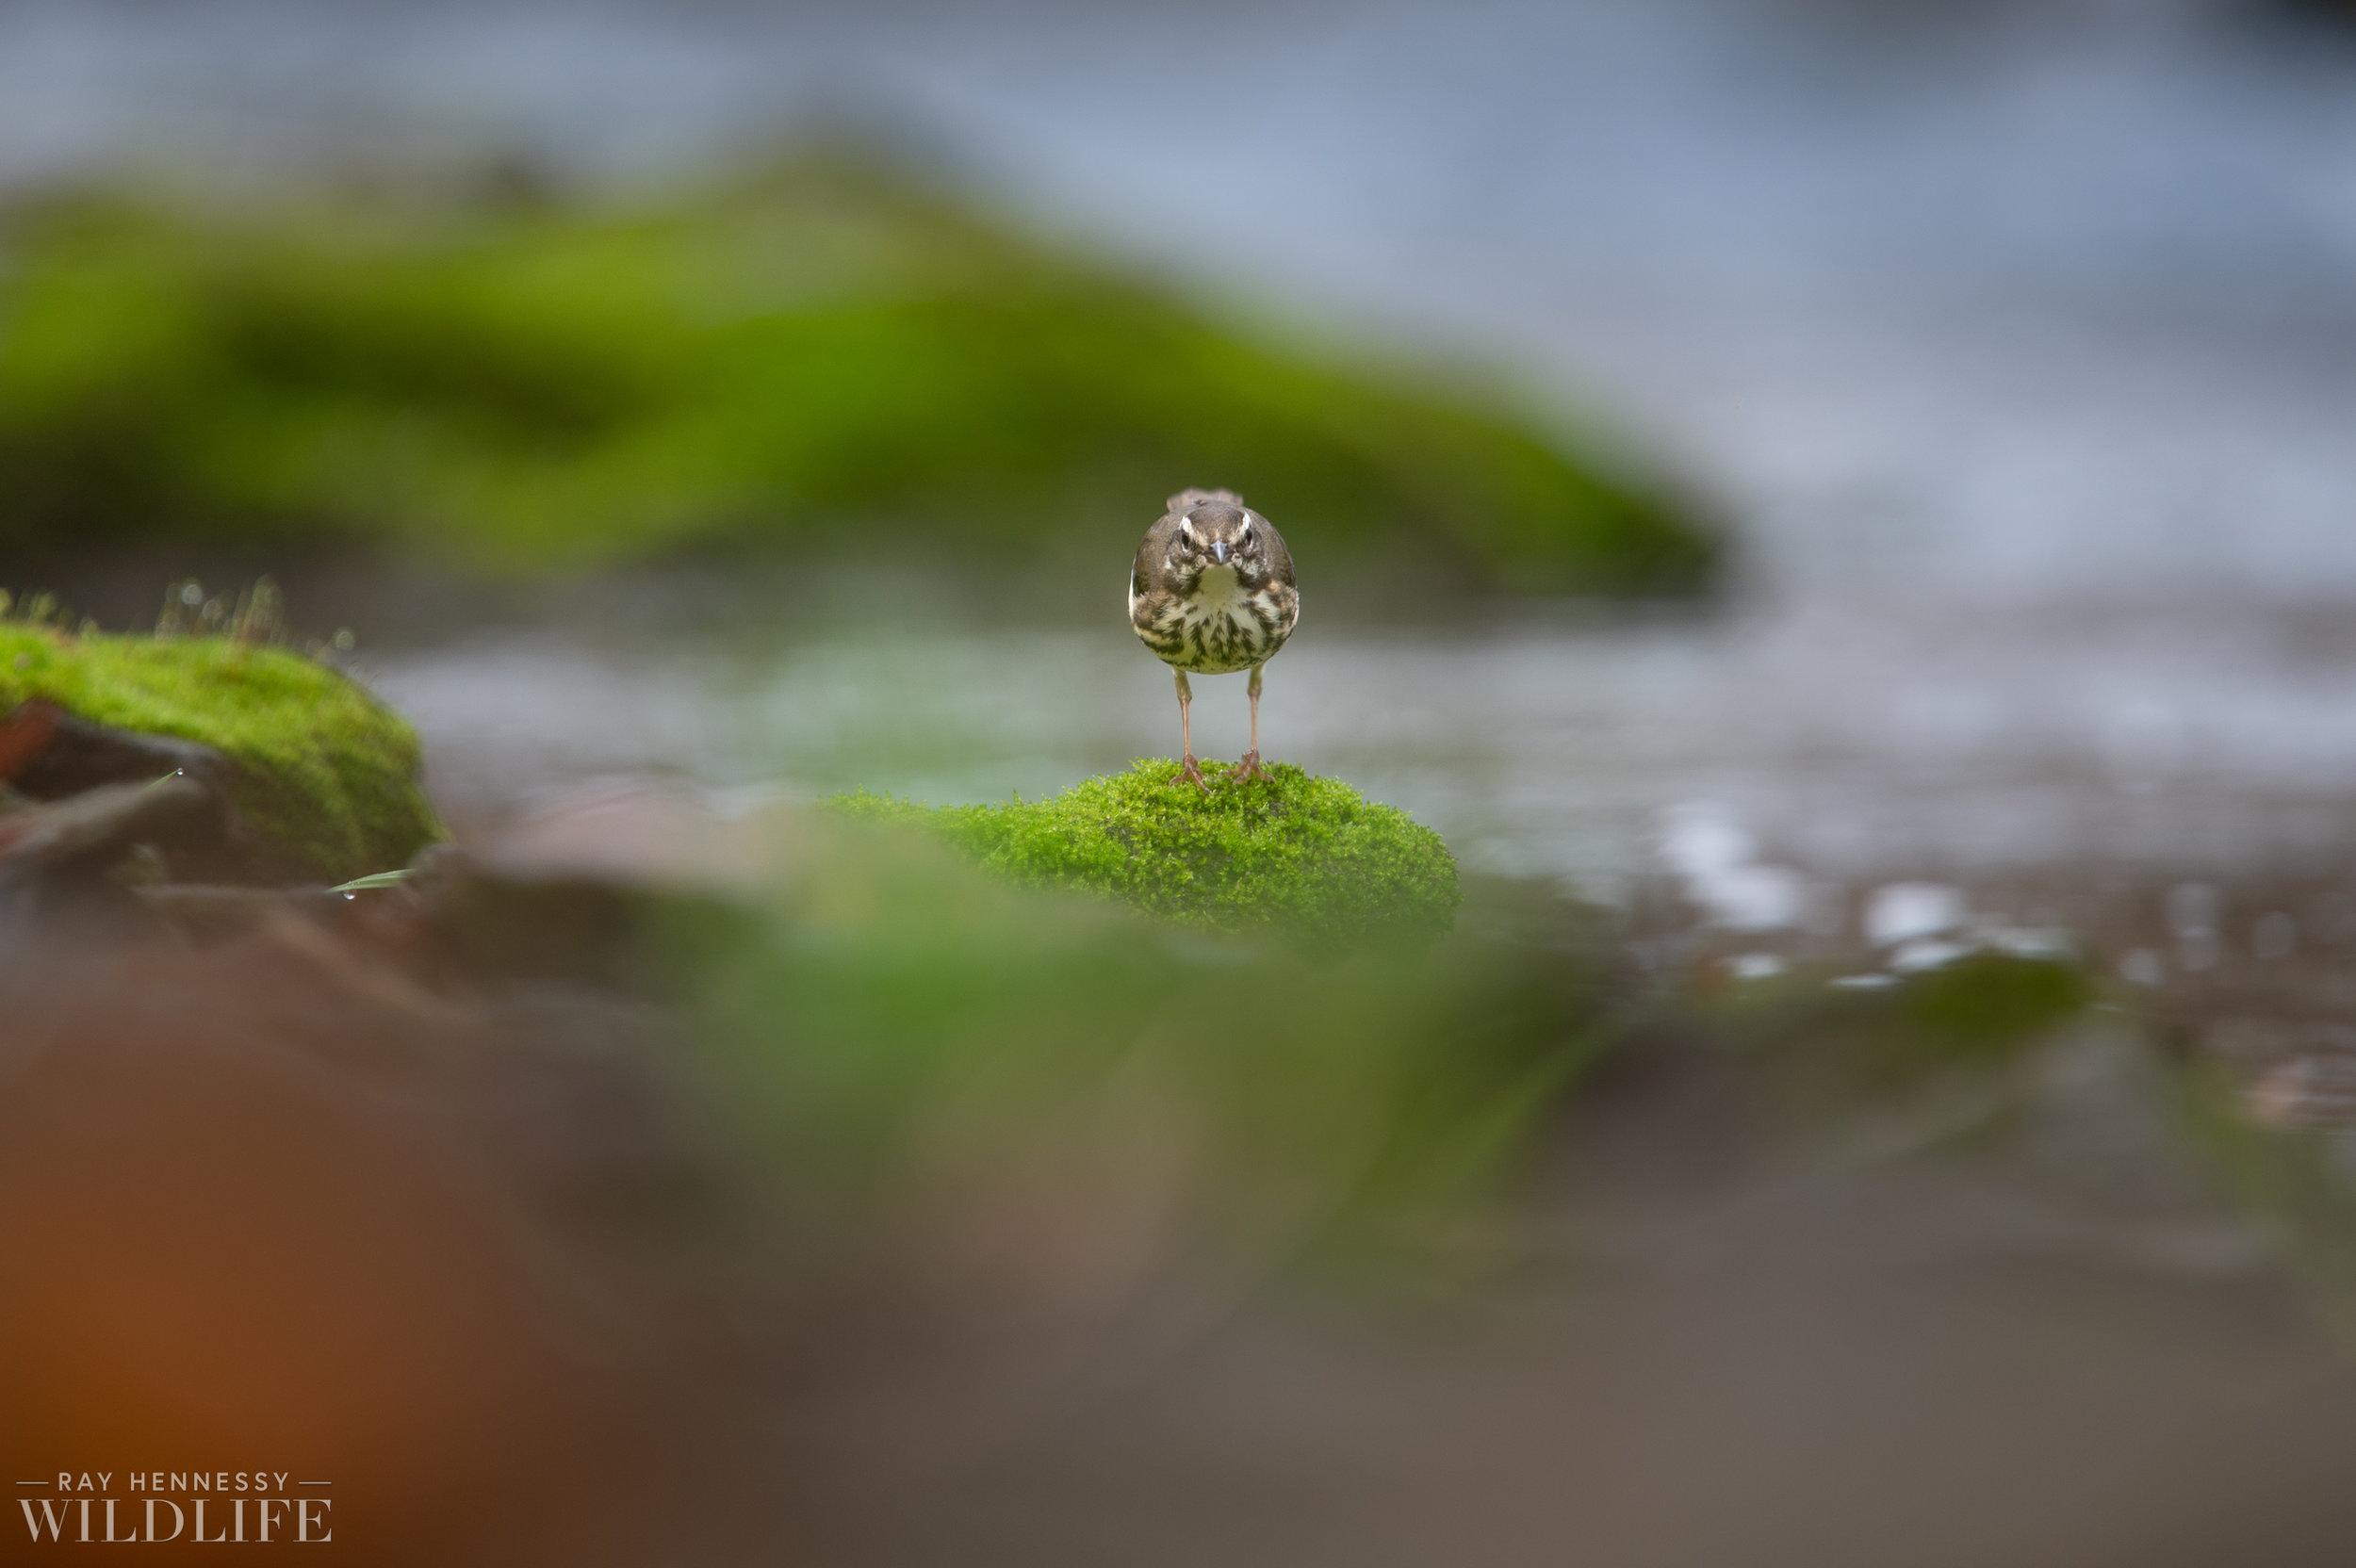 006_louisiana-waterthrush-pine-warbler.jpg